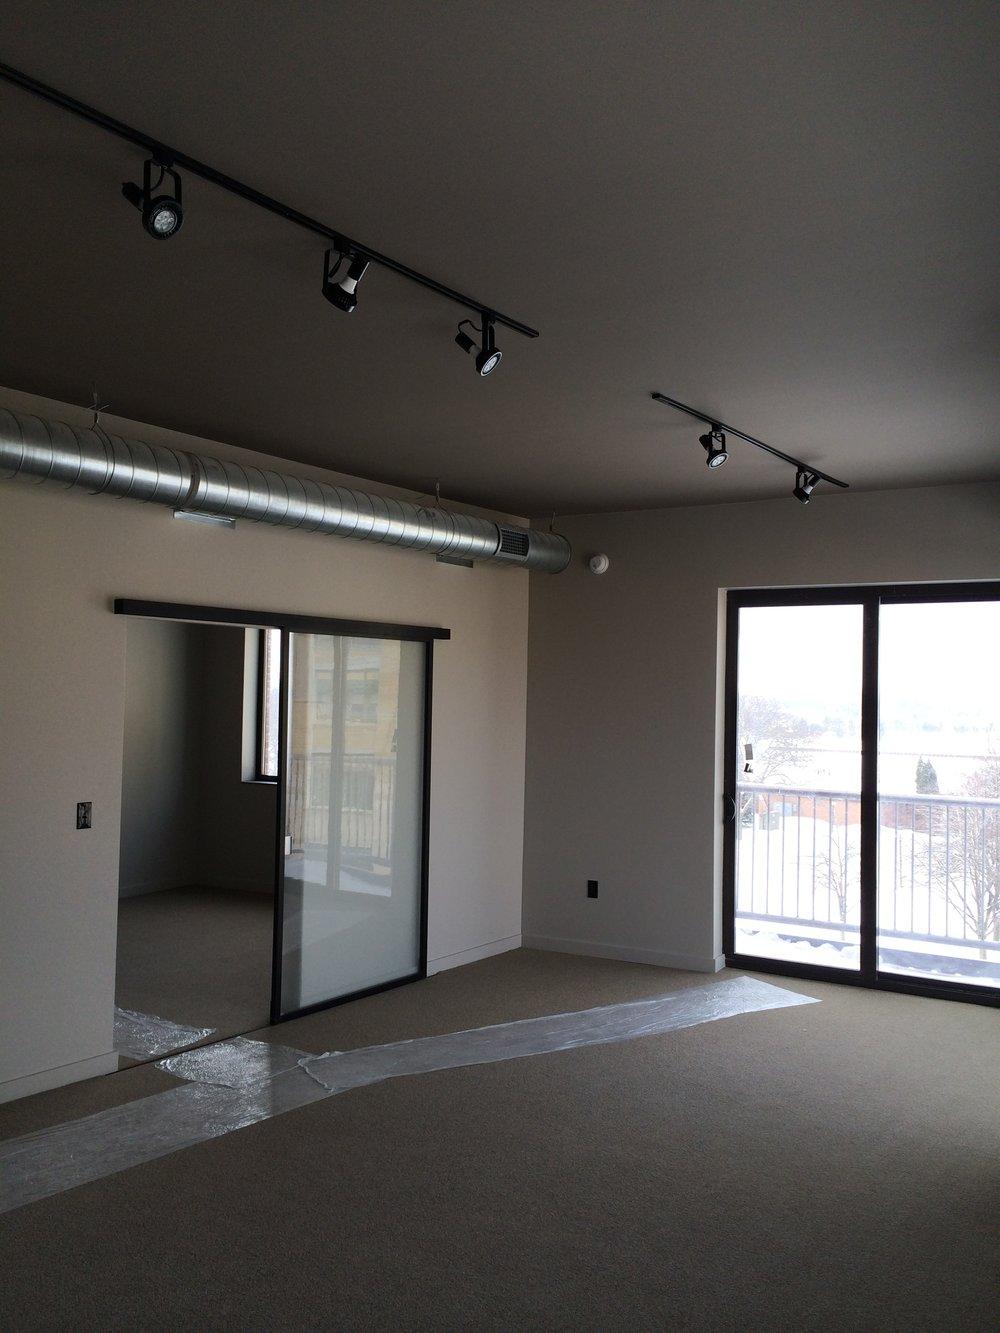 312-Living-room-e1392668037349.jpg